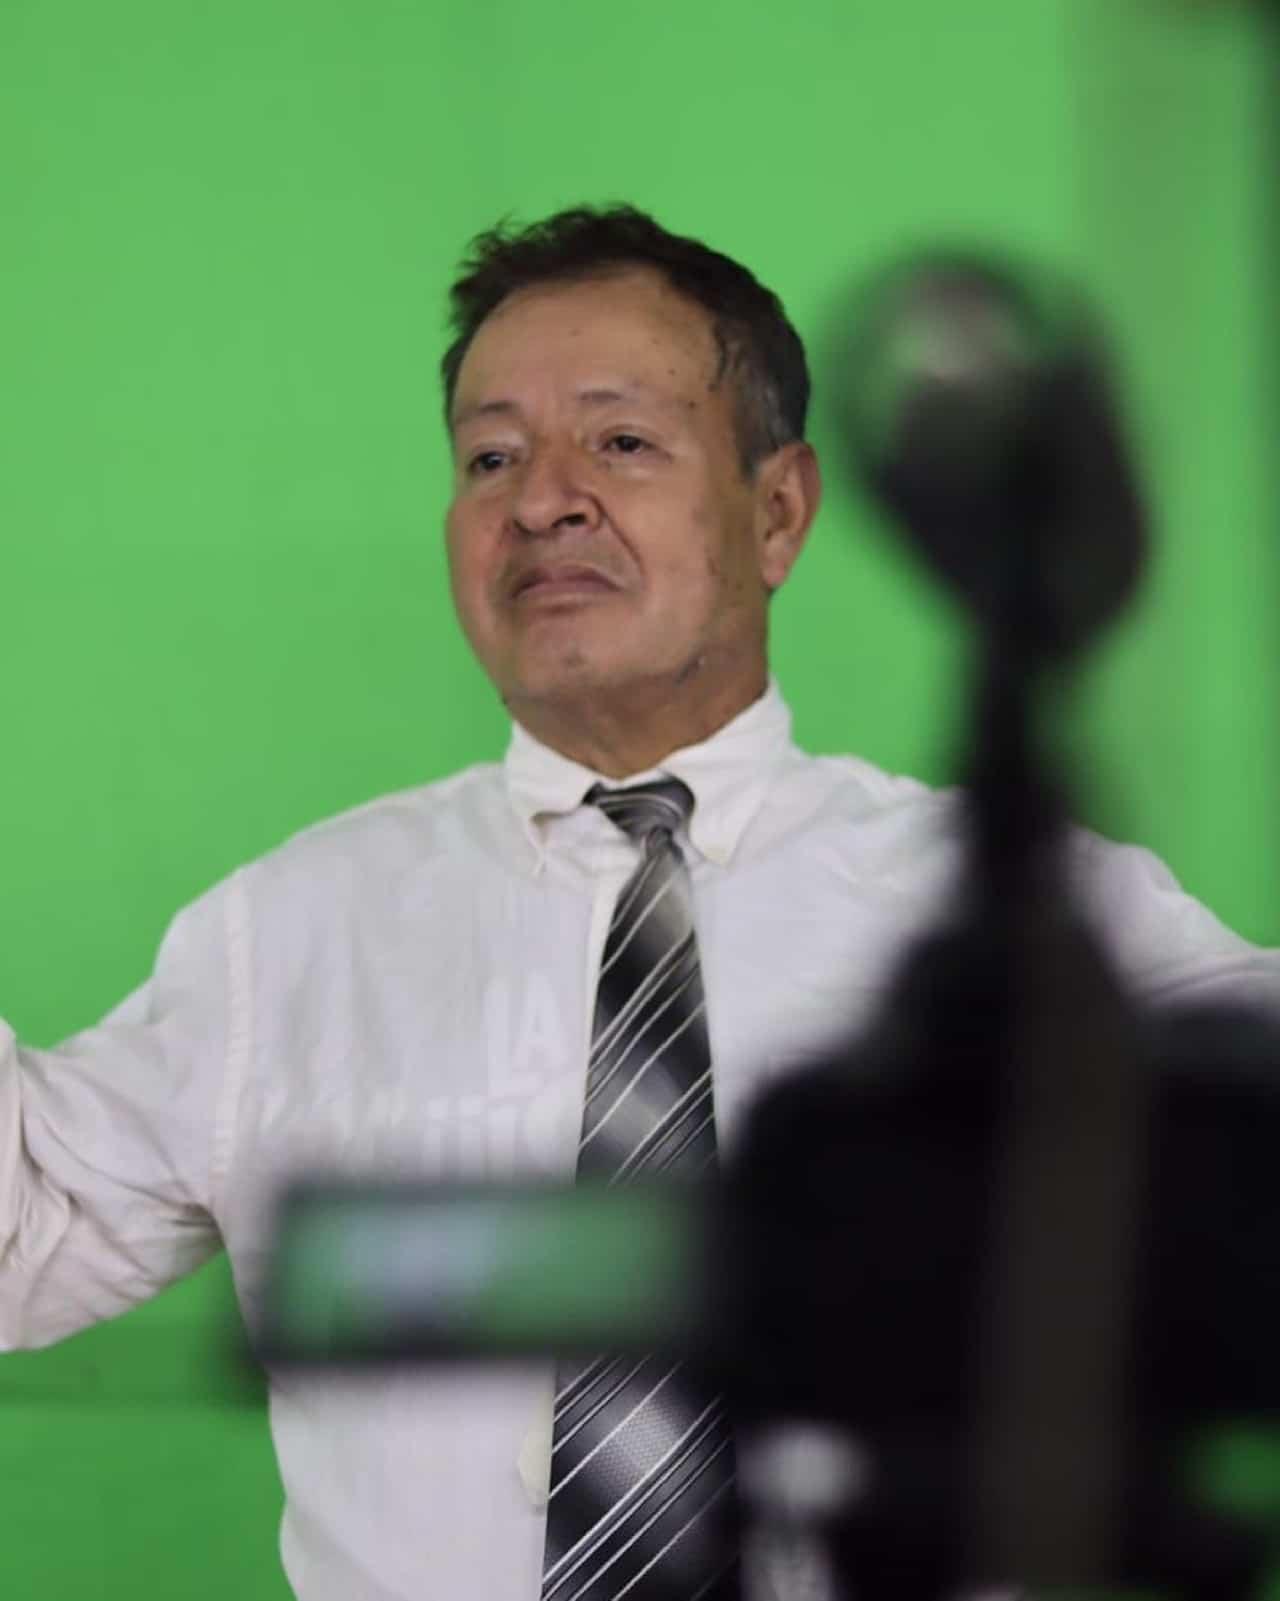 Sammy Pérez: Familia pide donaciones y le llueven críticas